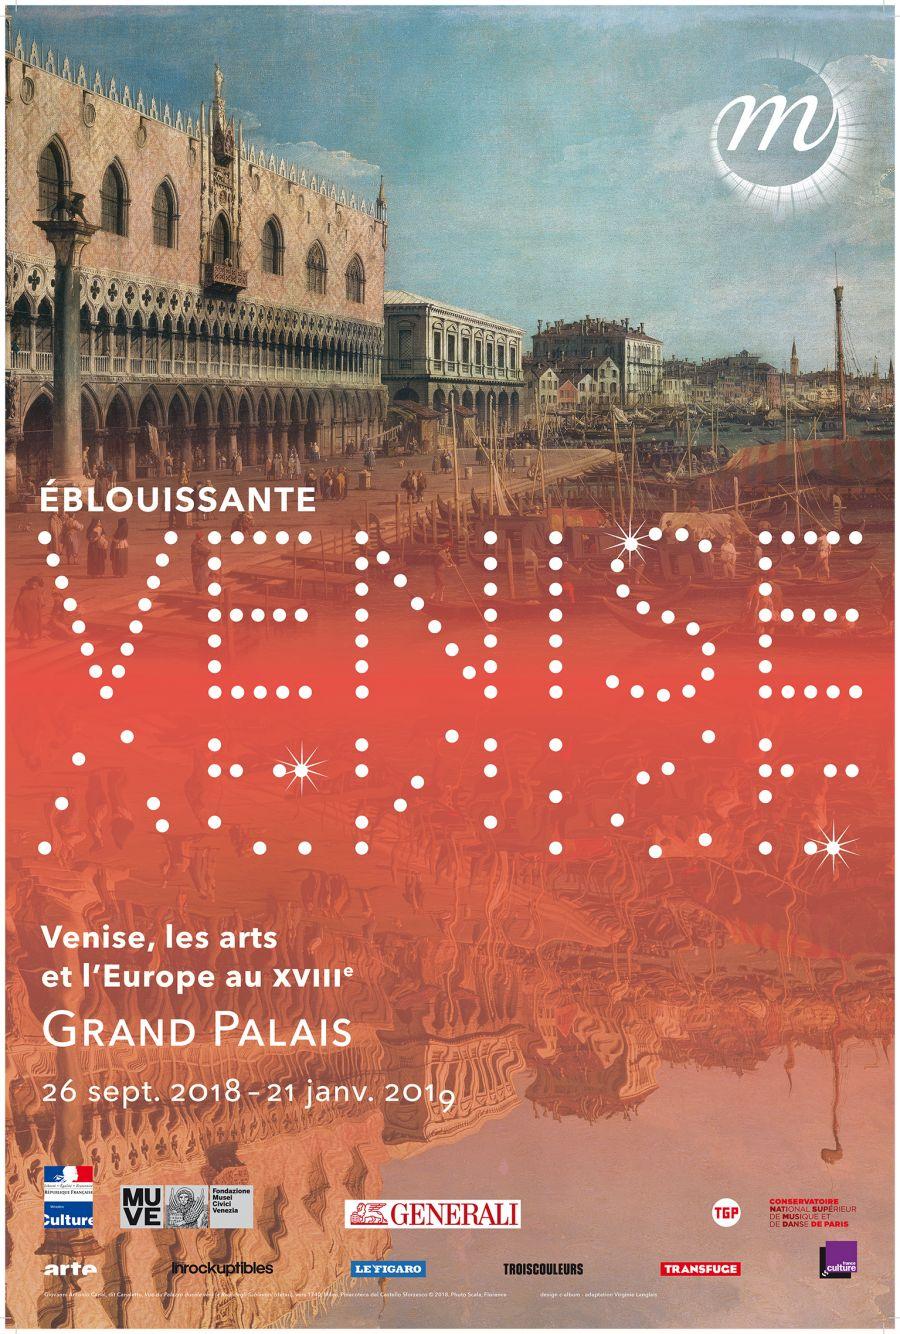 """Affiche de l'exposition """"Éblouissante Venise. Venise, les arts et l'Europe au XVIIIe siècle"""" au Grand Palais jusqu'au 21 janvier"""